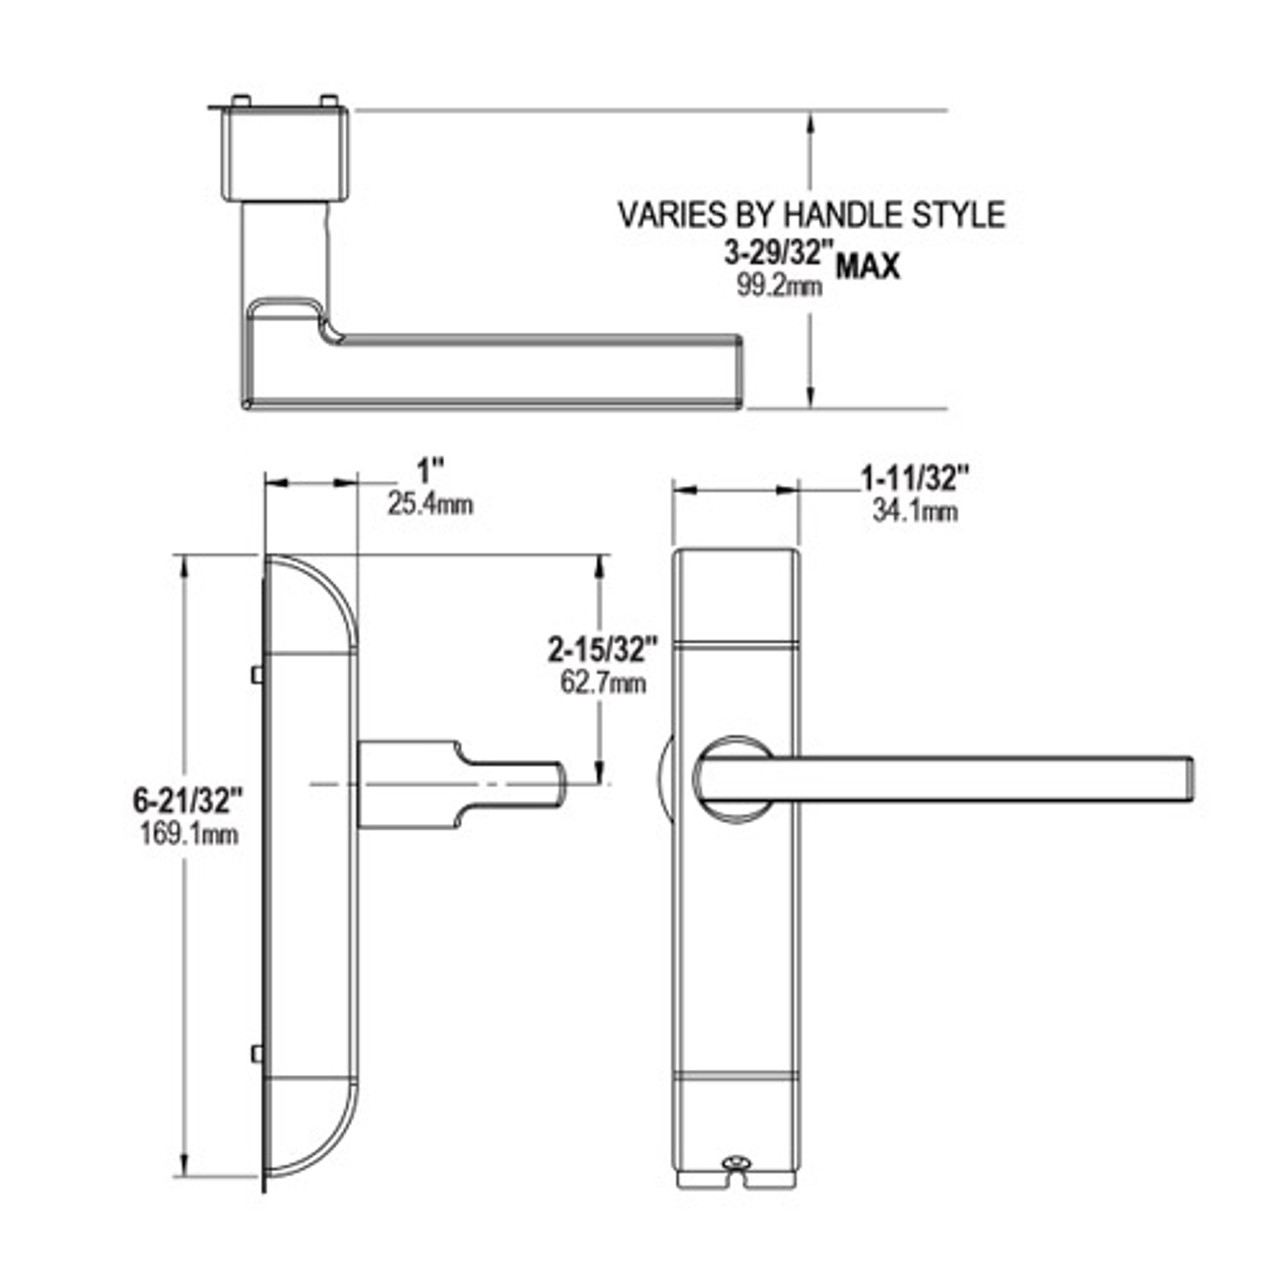 4600M-ME-622-US4 Adams Rite ME Designer handle Dimensional View